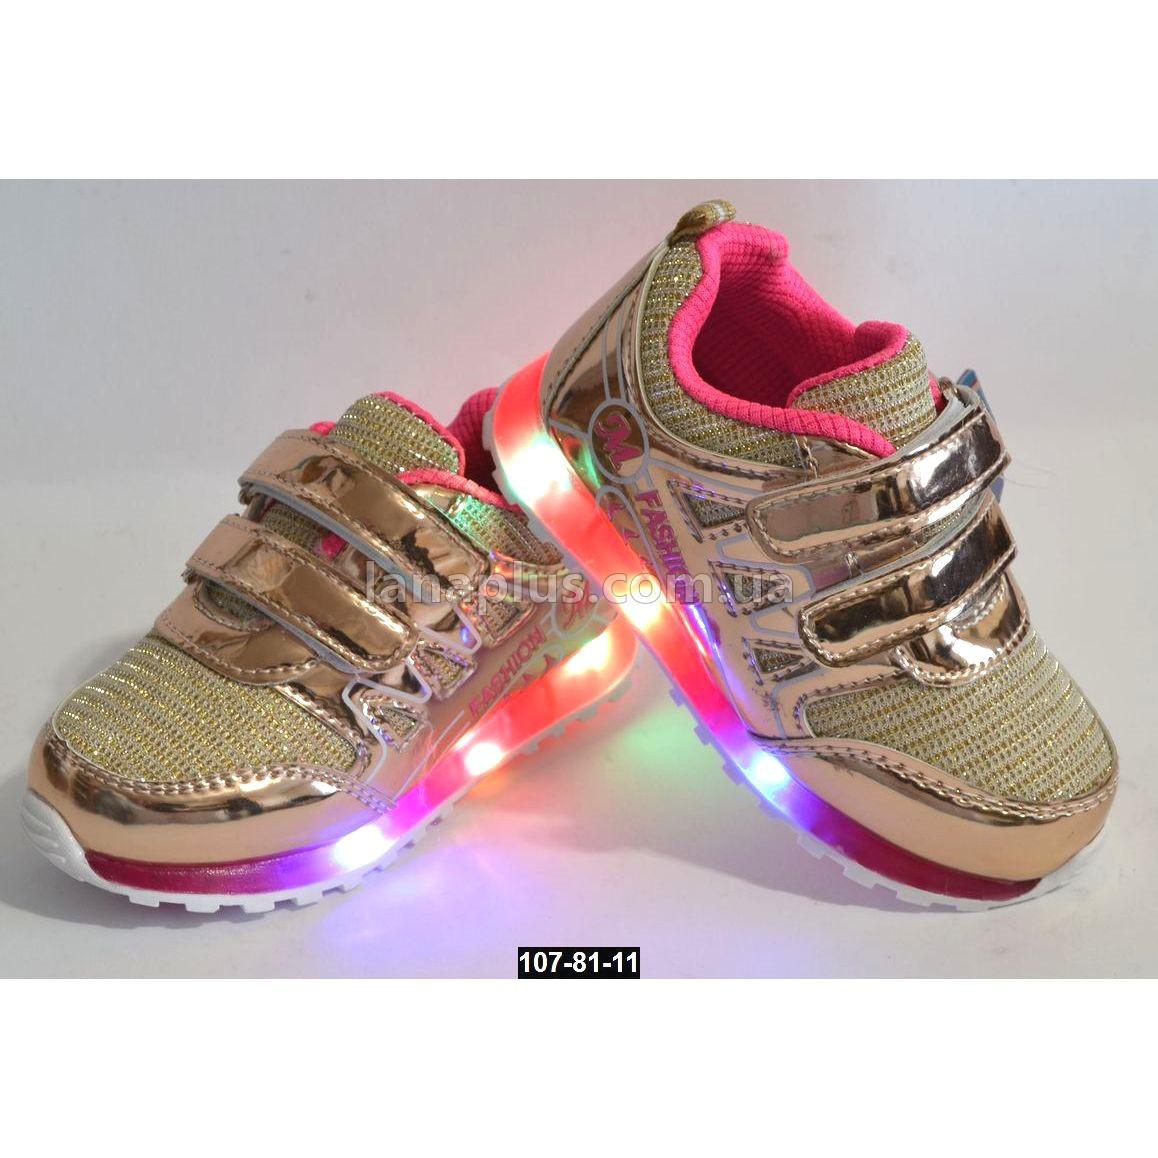 acf9b0777edf Золотые светящиеся LED кроссовки для девочки, 23 размер (14 см), с мигалками